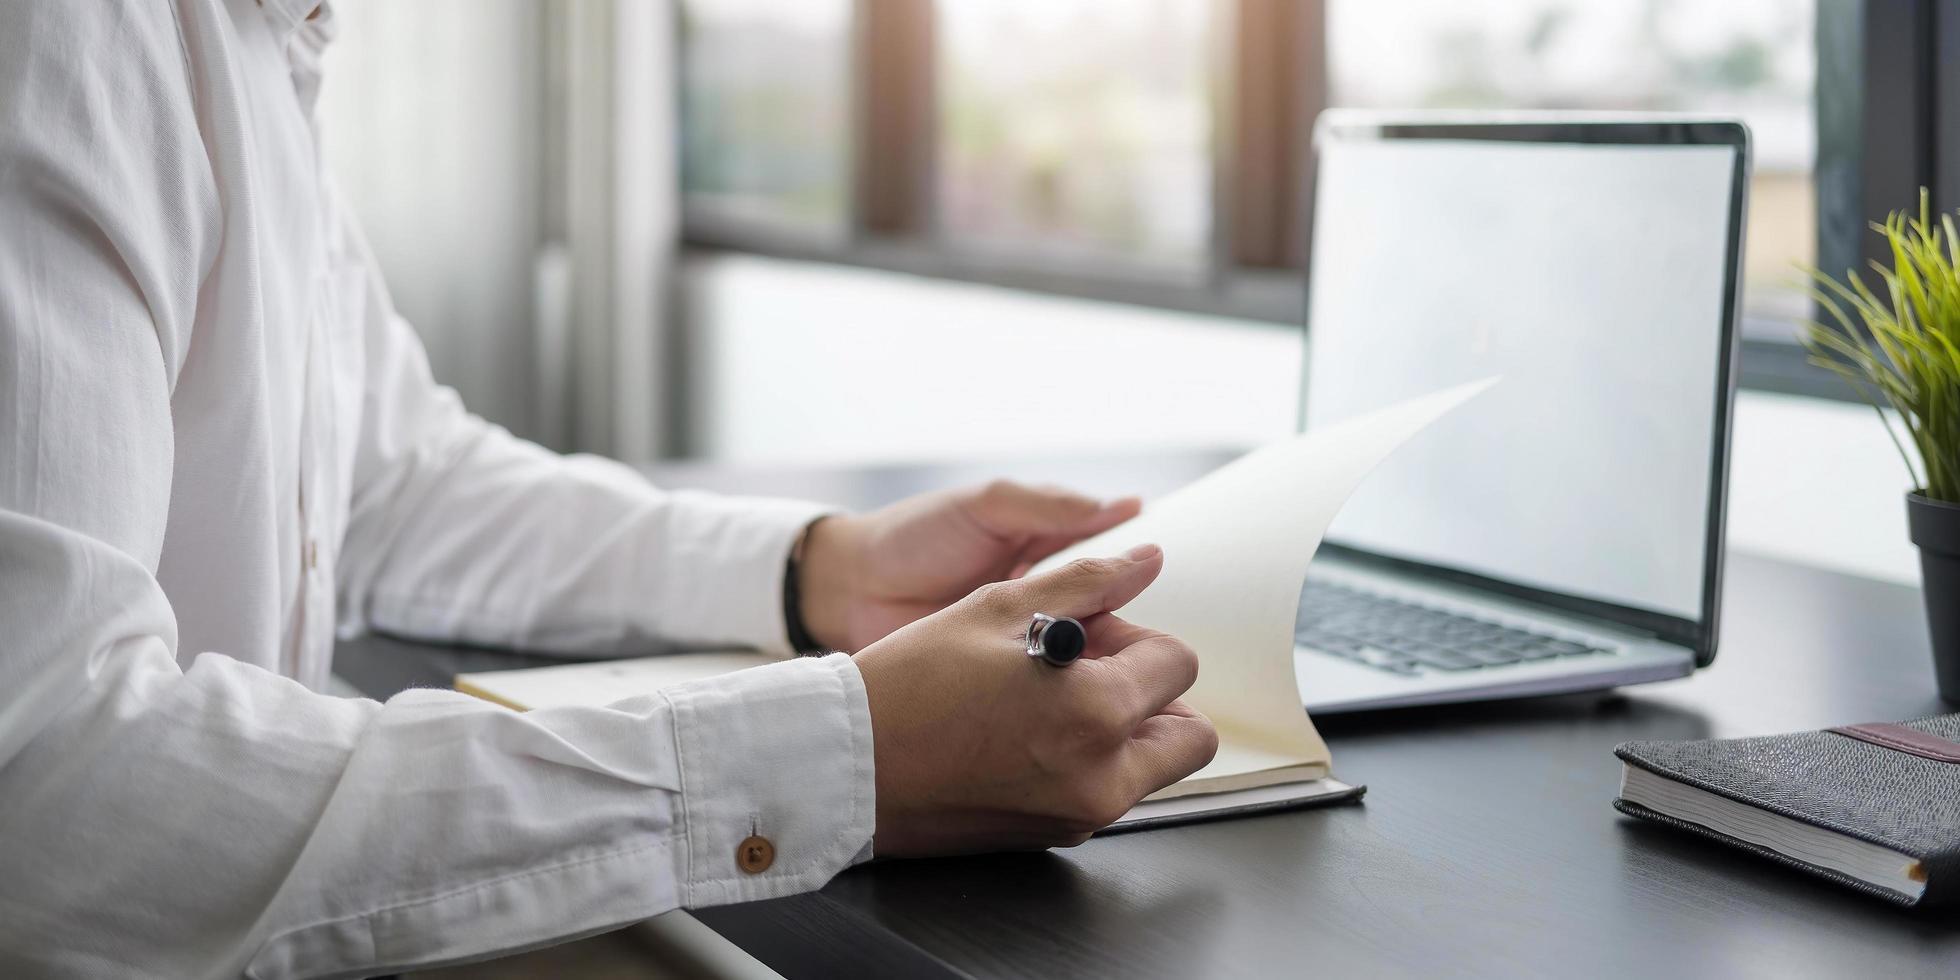 Business planning business man writing on notebook et travaillant sur ordinateur portable dans un bureau moderne homme étudiant cours en ligne via ordinateur portable et conférence sur le bloc-notes photo